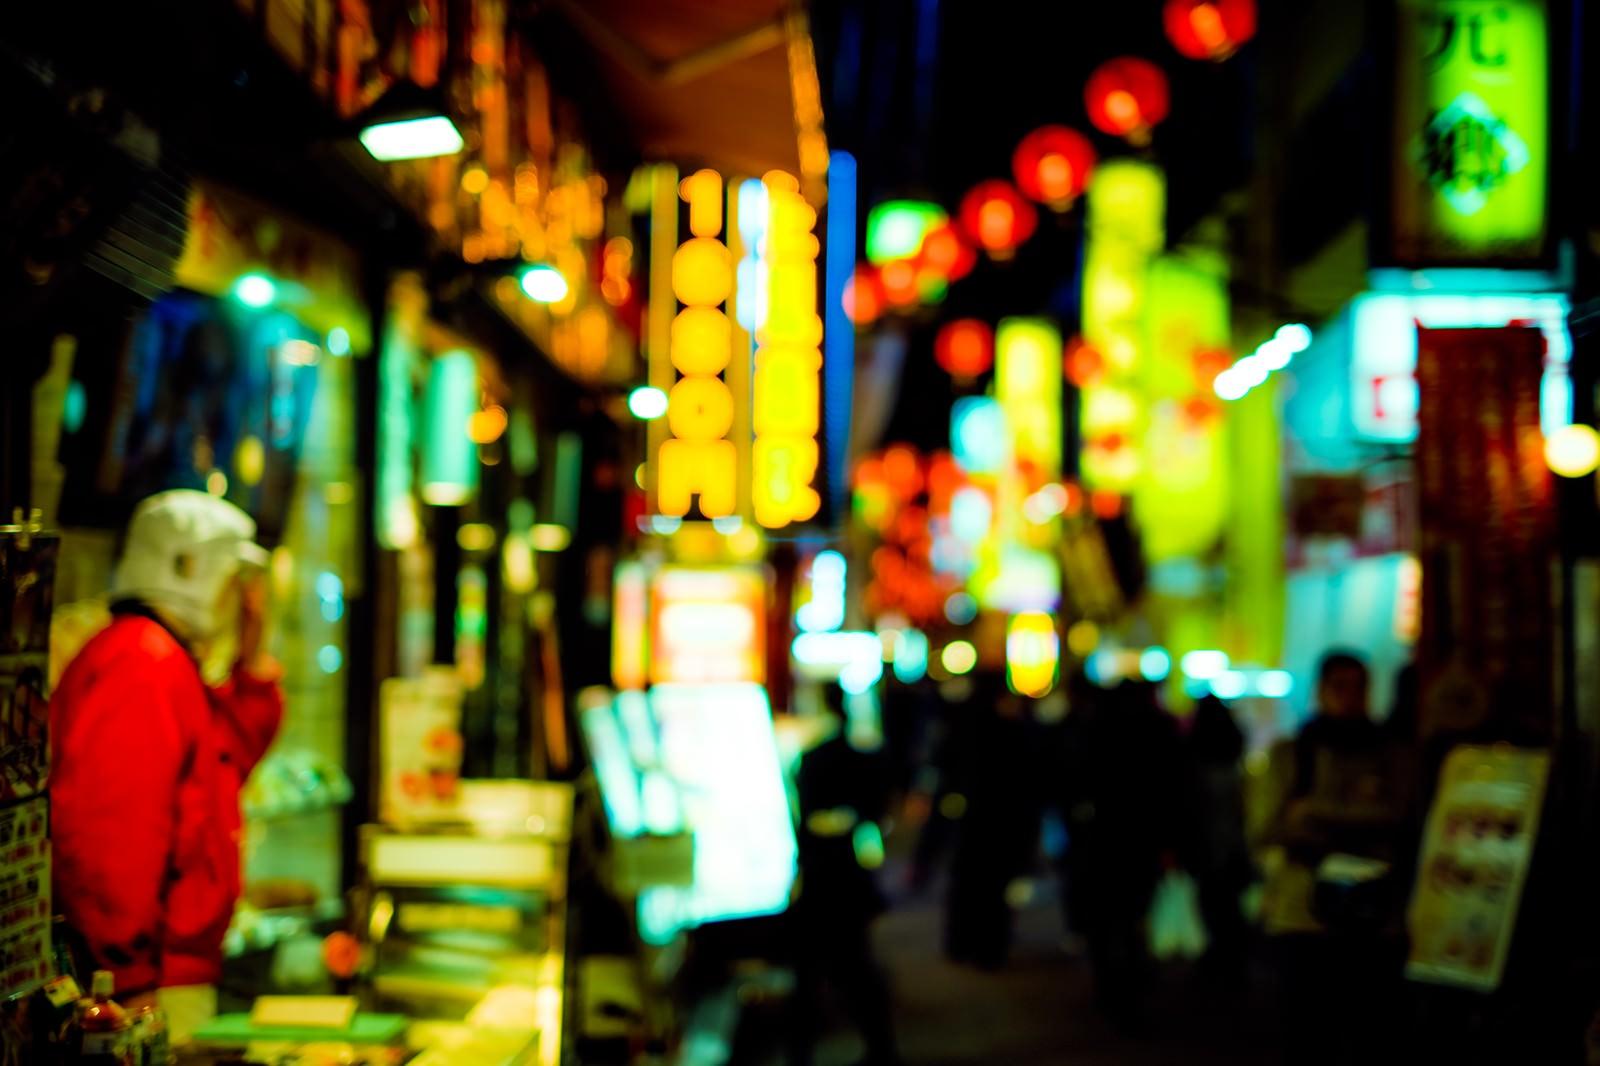 「路地裏の商店路地裏の商店」のフリー写真素材を拡大